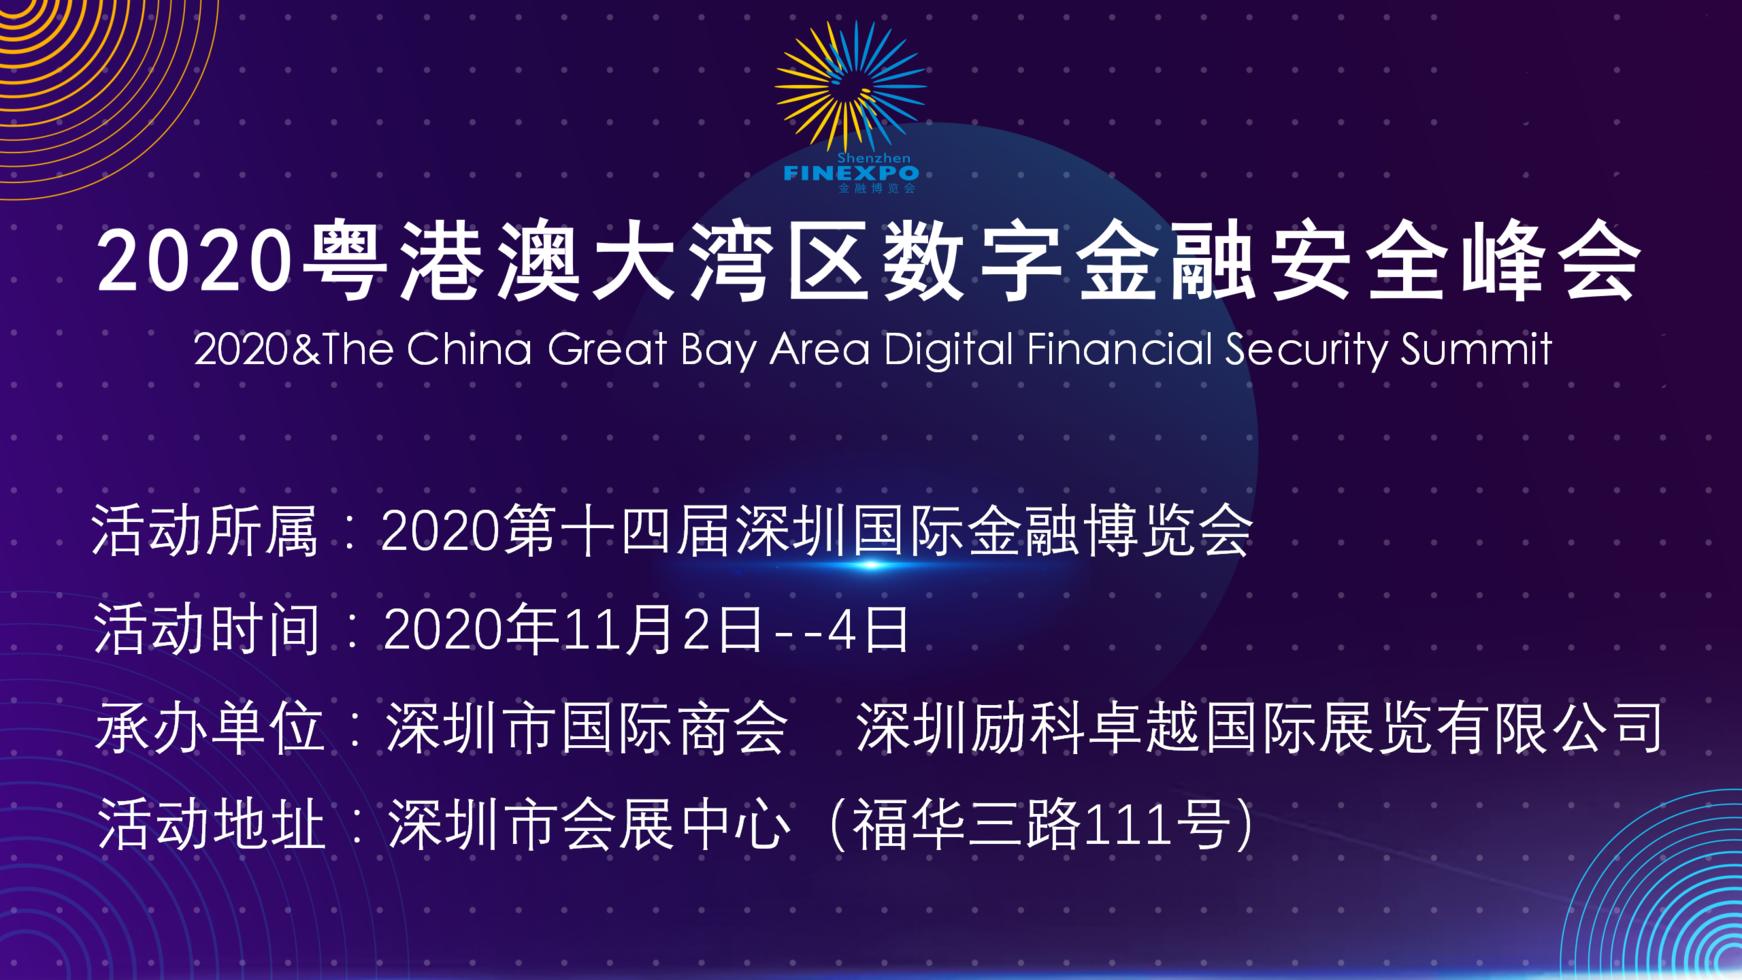 2020数字金融安全峰邀请函_01.png